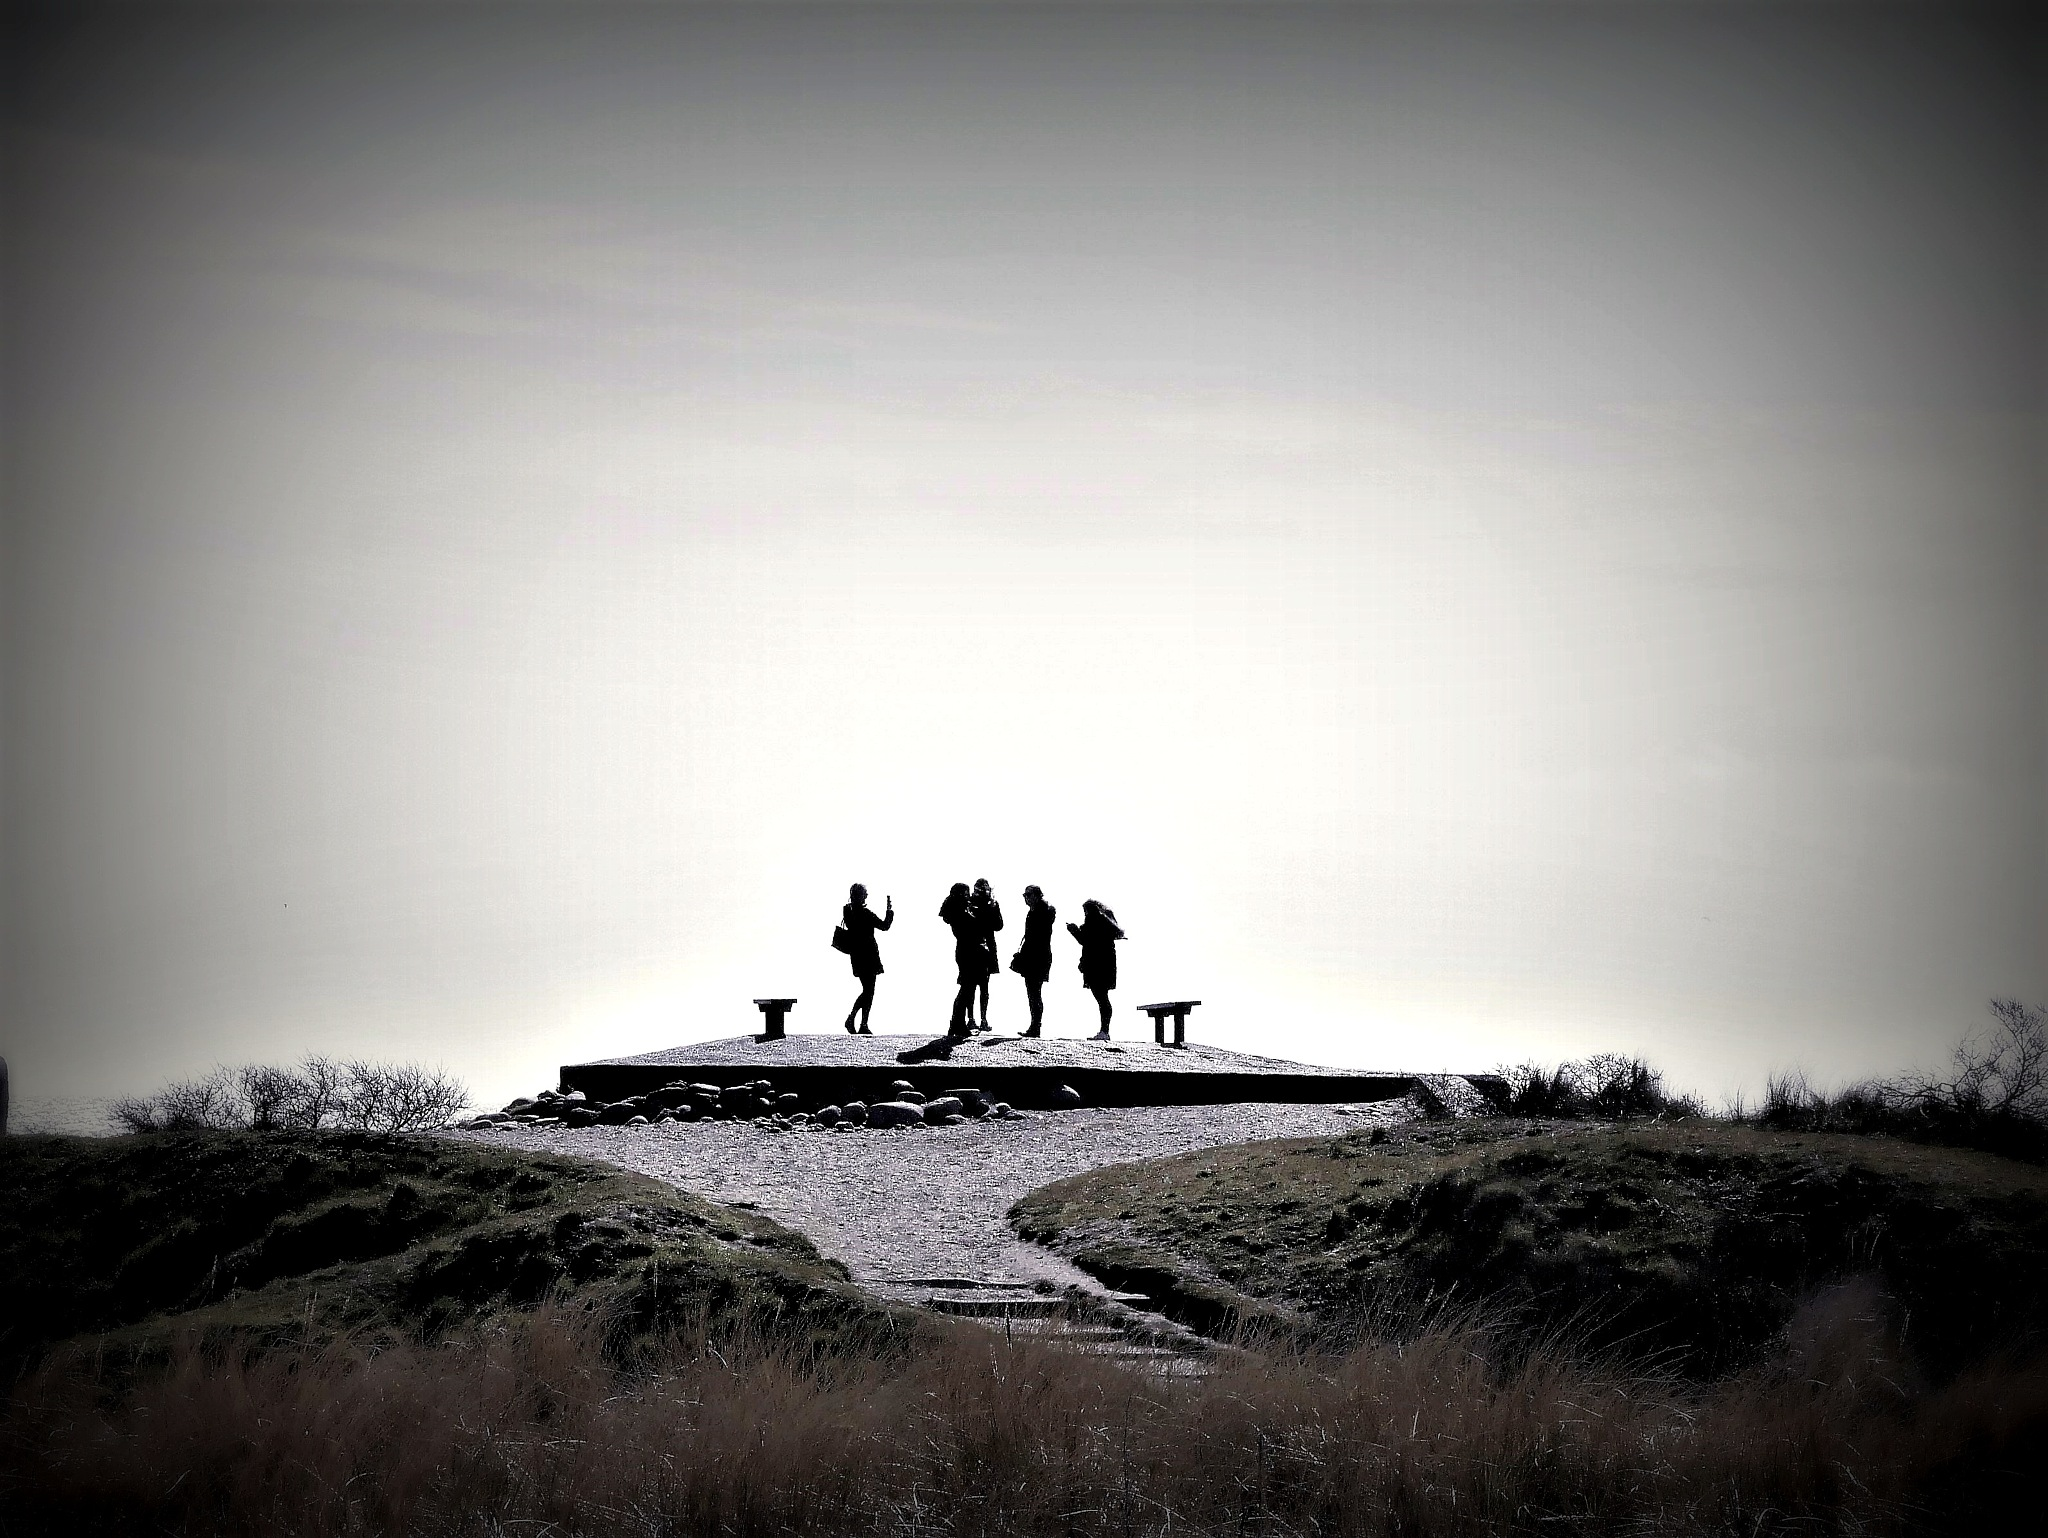 På toppen av Danmark. #grenen#skagen#danmark by Cicki Jarneberg